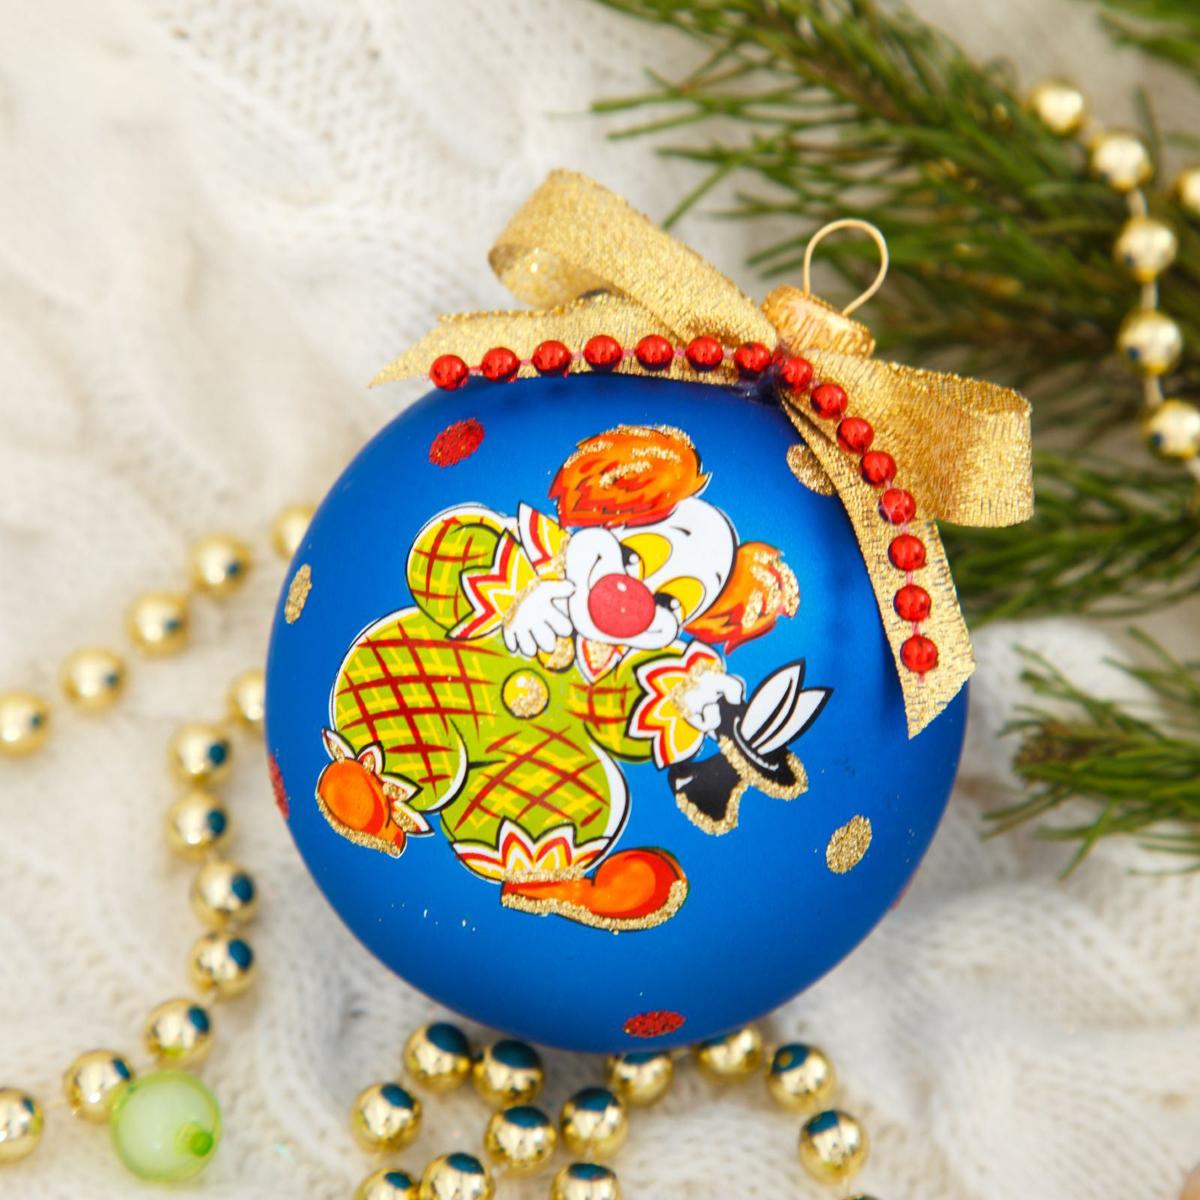 Новогоднее подвесное украшение Ёлочка Клоун, диаметр 7,5 см2564835Новогоднее подвесное украшение Ёлочка отлично подойдет для декорации вашего дома и новогодней ели. Новогоднее украшение можно повесить в любом понравившемся вам месте. Но, конечно, удачнее всего оно будет смотреться на праздничной елке.Елочная игрушка - символ Нового года. Она несет в себе волшебство и красоту праздника. Такое украшение создаст в вашем доме атмосферу праздника, веселья и радости.